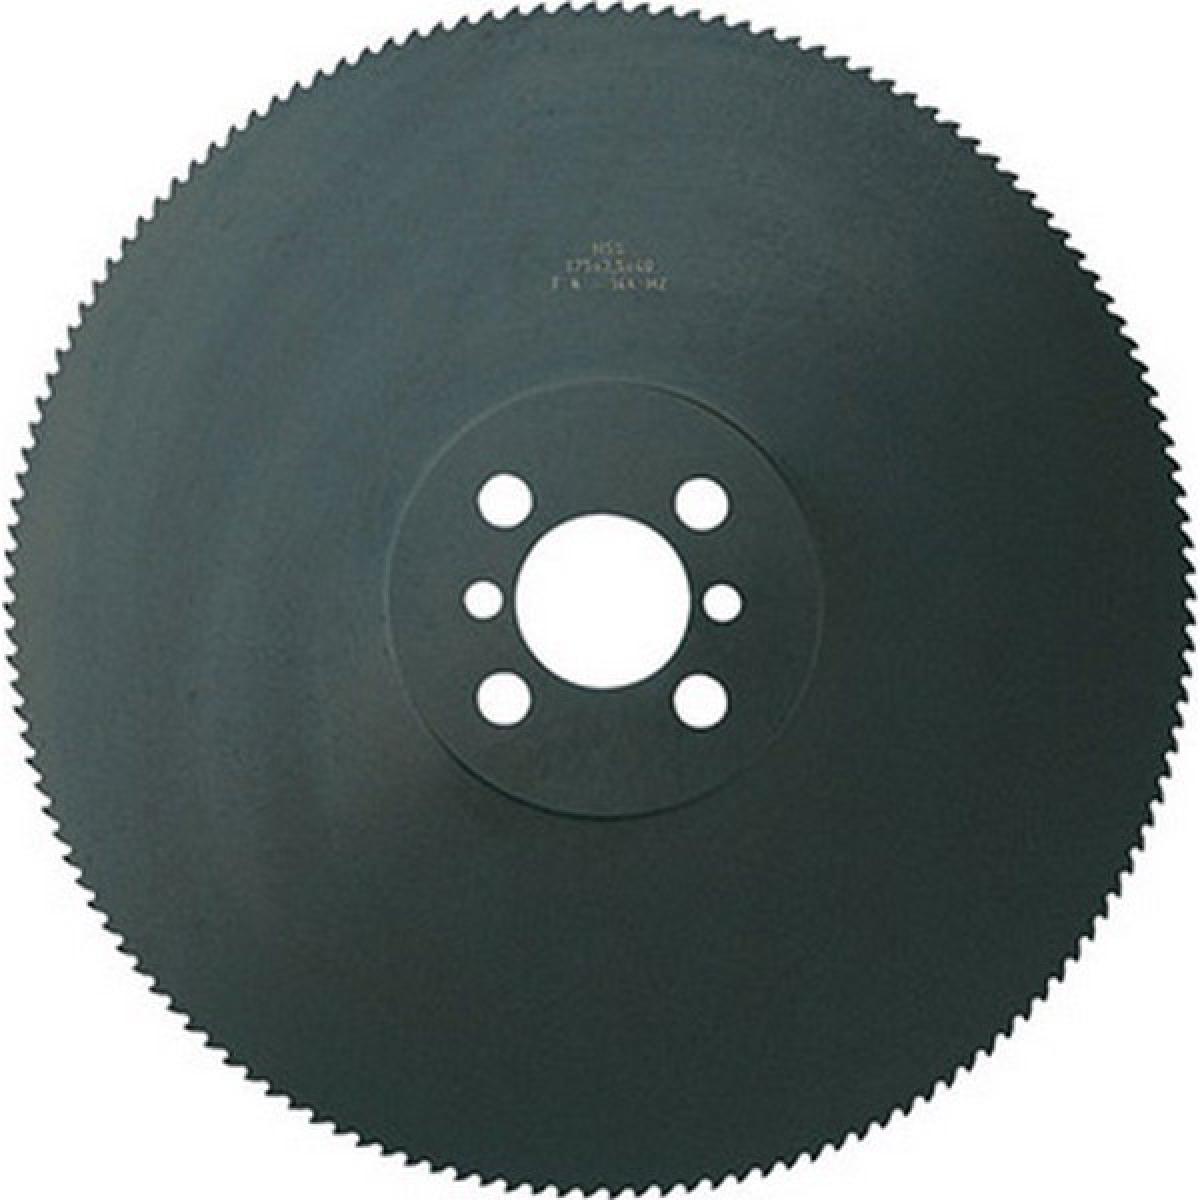 Forum Lame de scie circulaire à métaux, acier à coupe rapide DMo 5, Dimensions : 450 x 4,0 x 50 mm